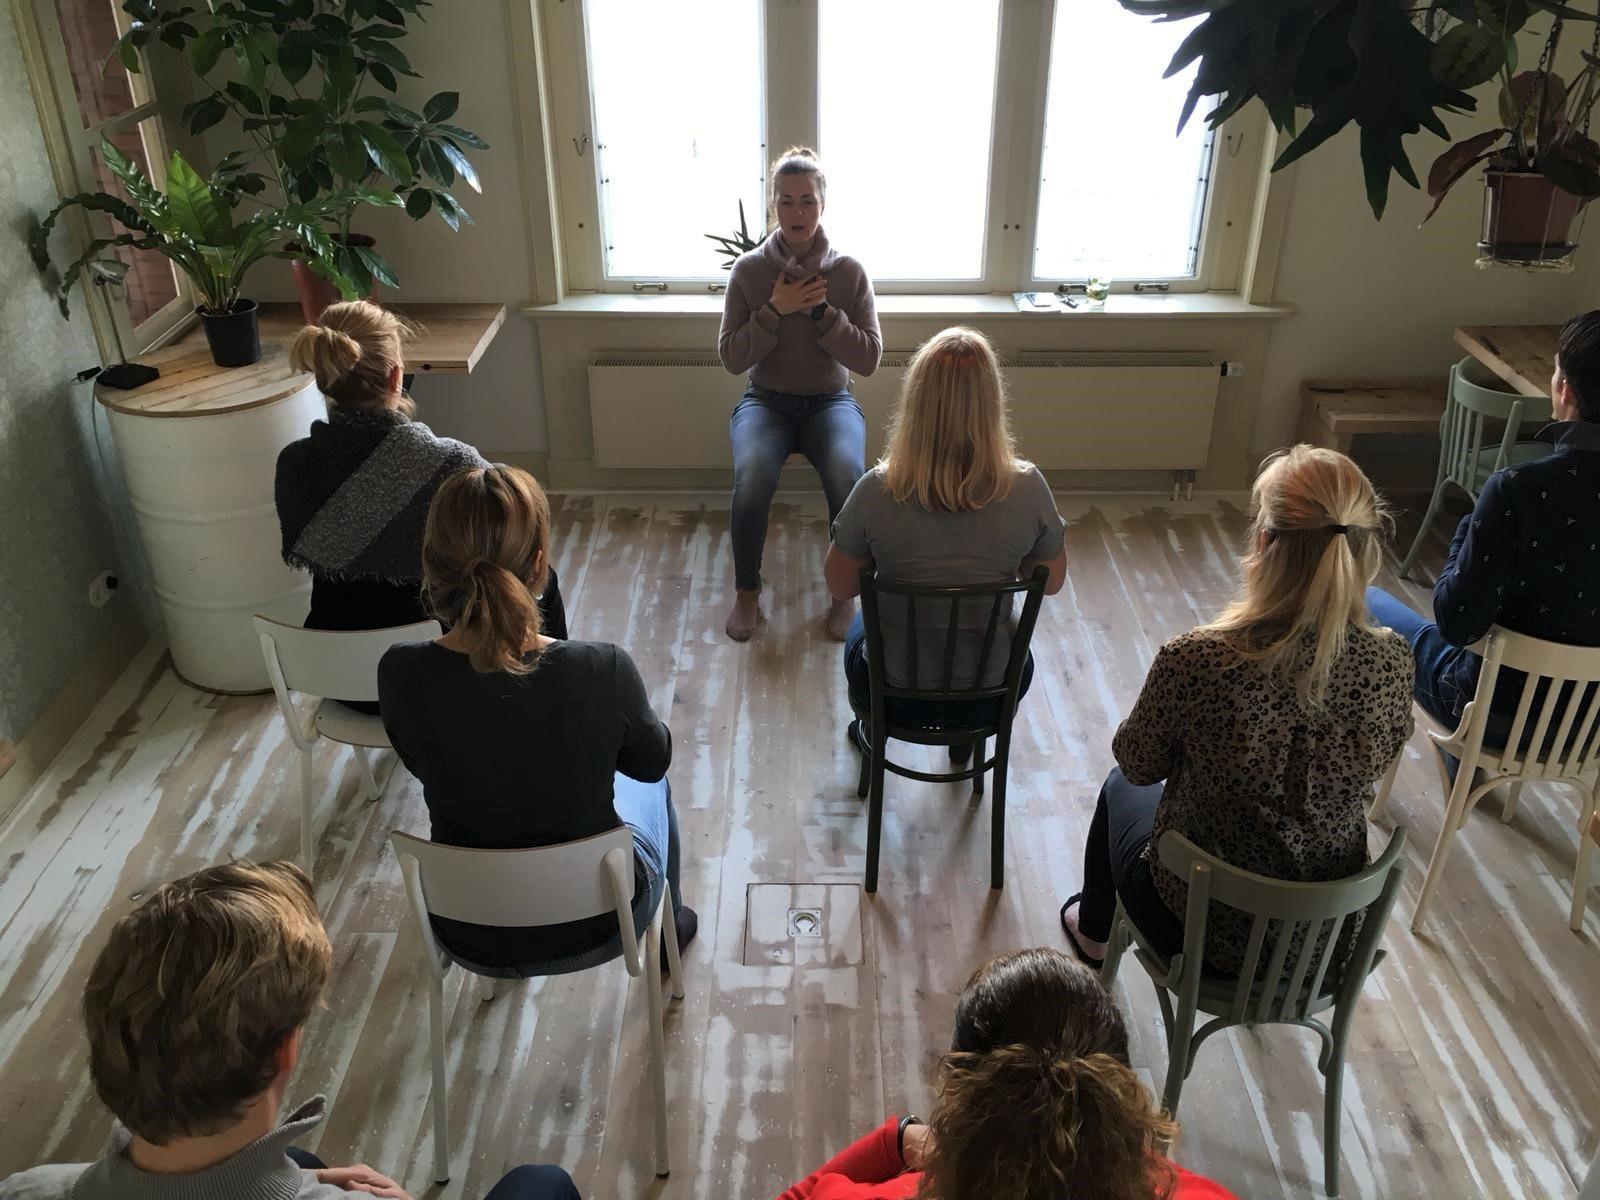 - Even landen en een frisse start maken, door lichaam en geest in balans te brengen met yoga maak je een goede start van je dag. Zeker als je een pittige vergadering of intensieve workshop voor de boeg hebt is het heerlijk om met (hernieuwde) energie en focus aan de slag te kunnen.Een ervaren yoga docente begeleidt jullie in een serie eenvoudige yogahoudingen en ademhalingsoefeningen. Geen nood, het kan ook in spijkerbroek dus toegankelijk voor alle niveaus. En we denken graag met je mee dus wil jij een verrassende draai geven aan je vergadering, workshop of borrel? Neem dan contact met ons op via: reserveren@thuisaandeamstel.nlJohan de Vries HR Director, 30 min yoga introductie:'Ik en mijn team hadden een hele fijne, goede dag bij tHUIS aan de AMSTEL. De start was perfect: een rustige, ontspannen yogasessie. Ik vond dat deze fijn werd begeleid; rustig, maar duidelijk, een hele toegankelijke sessie waar een prima flow in zat. Dat vond iedereen. Ik kom zeker nog een keer terug bij tHUIS aan de AMSTEL.'